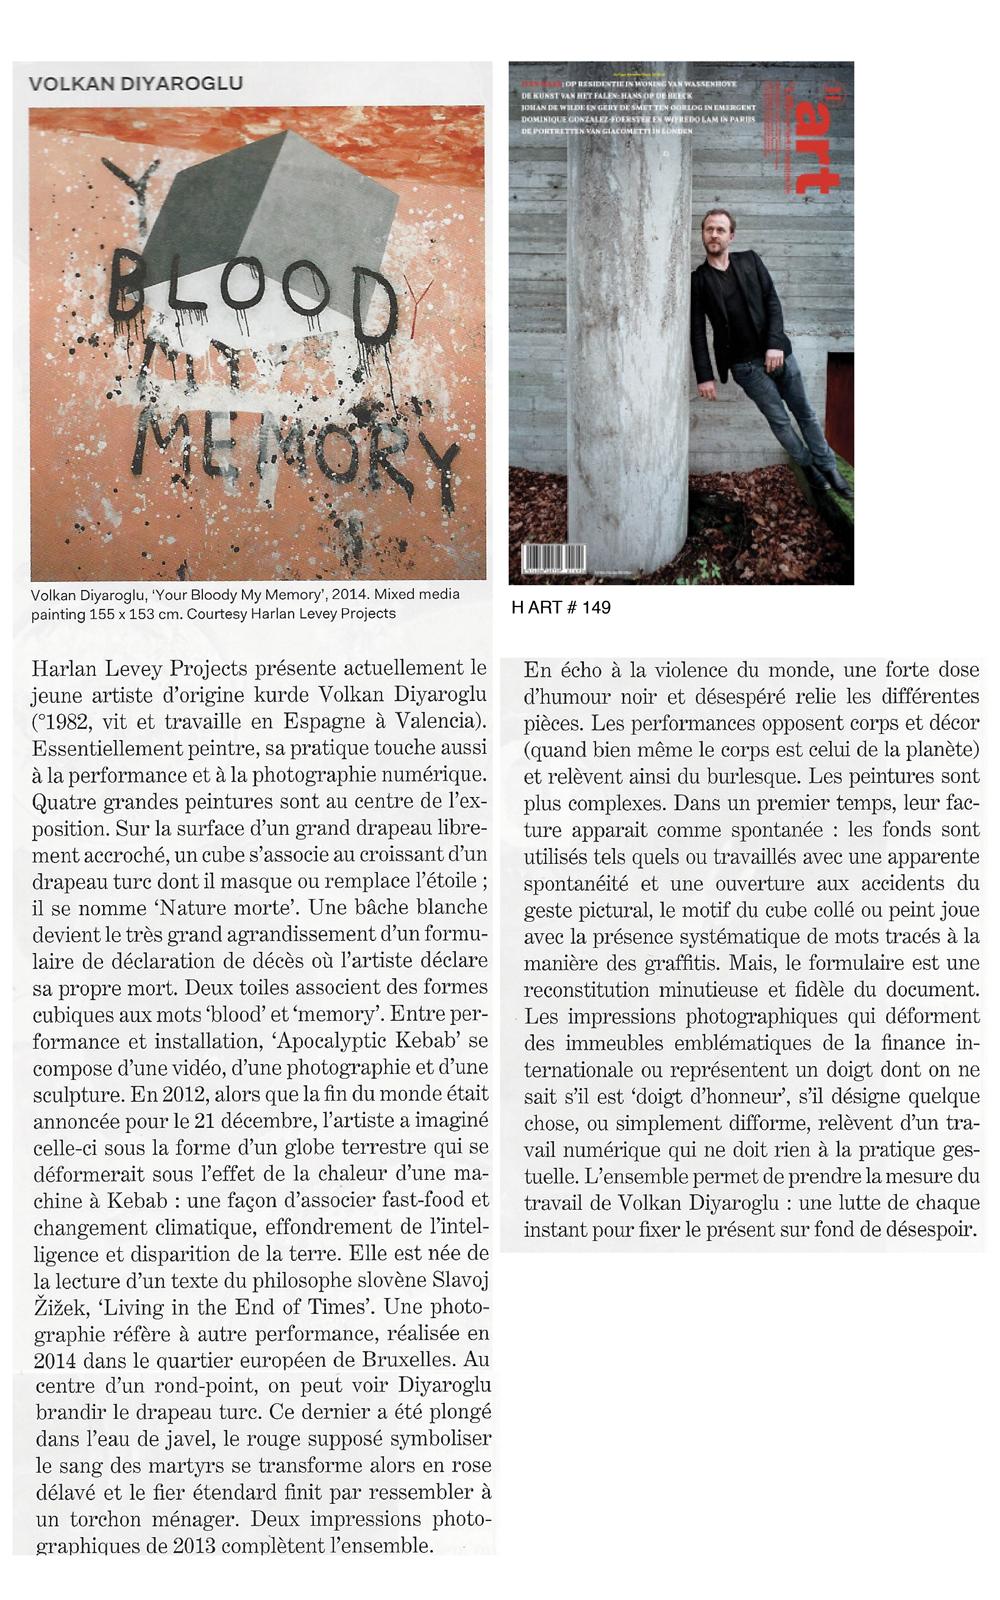 Volkan-H-ART-3.12.15-web_Colette-Dubois.jpg